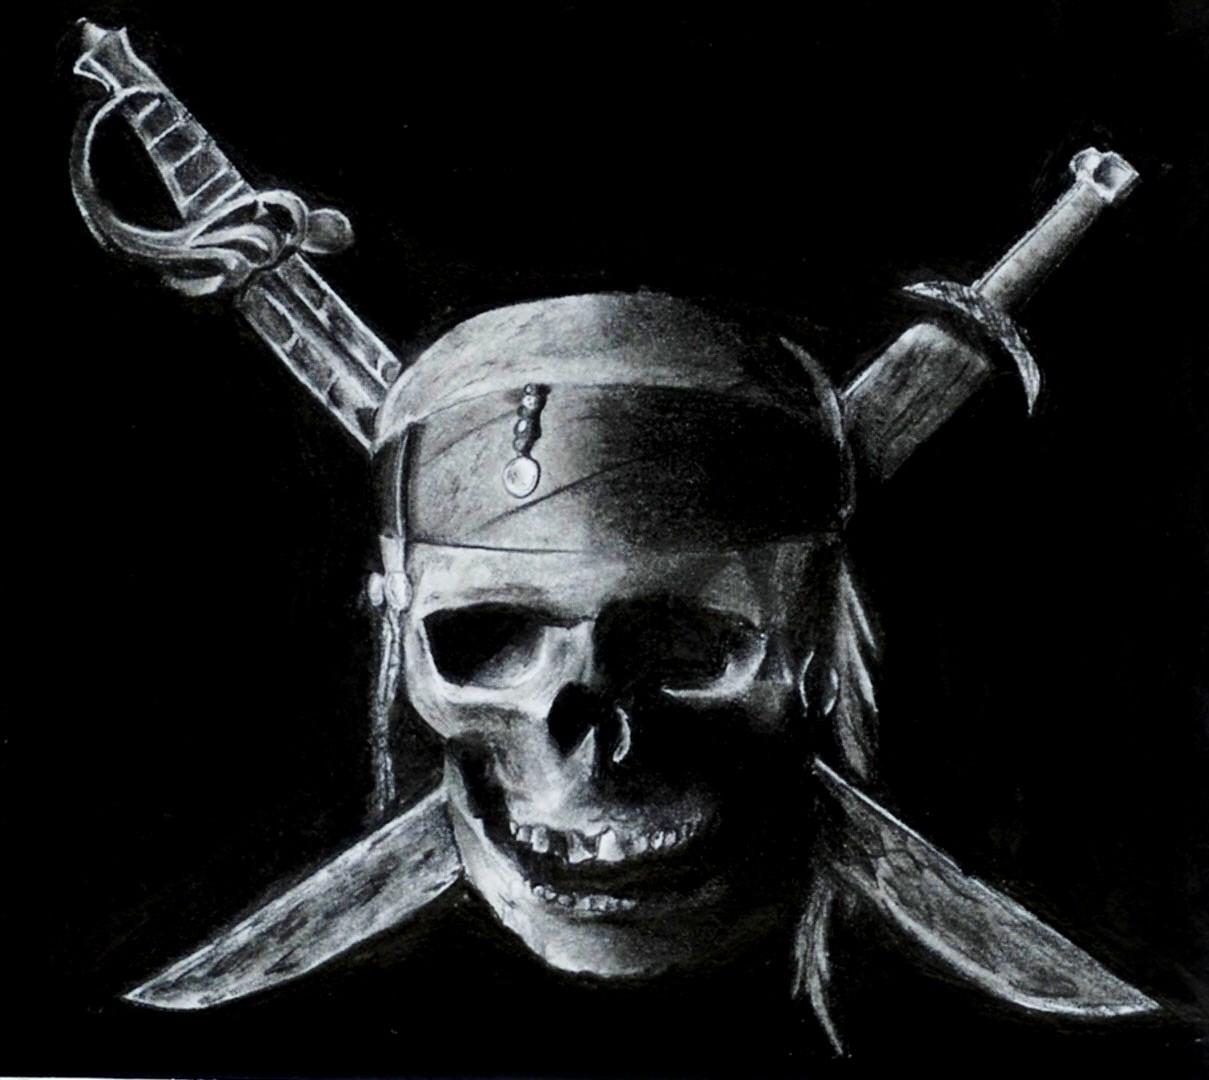 http://2.bp.blogspot.com/_e08tXXFmPM8/TOADzmhcjkI/AAAAAAAAAJY/oJIPYXp7P1I/s1600/Pirate_by_mo013-741289.jpg